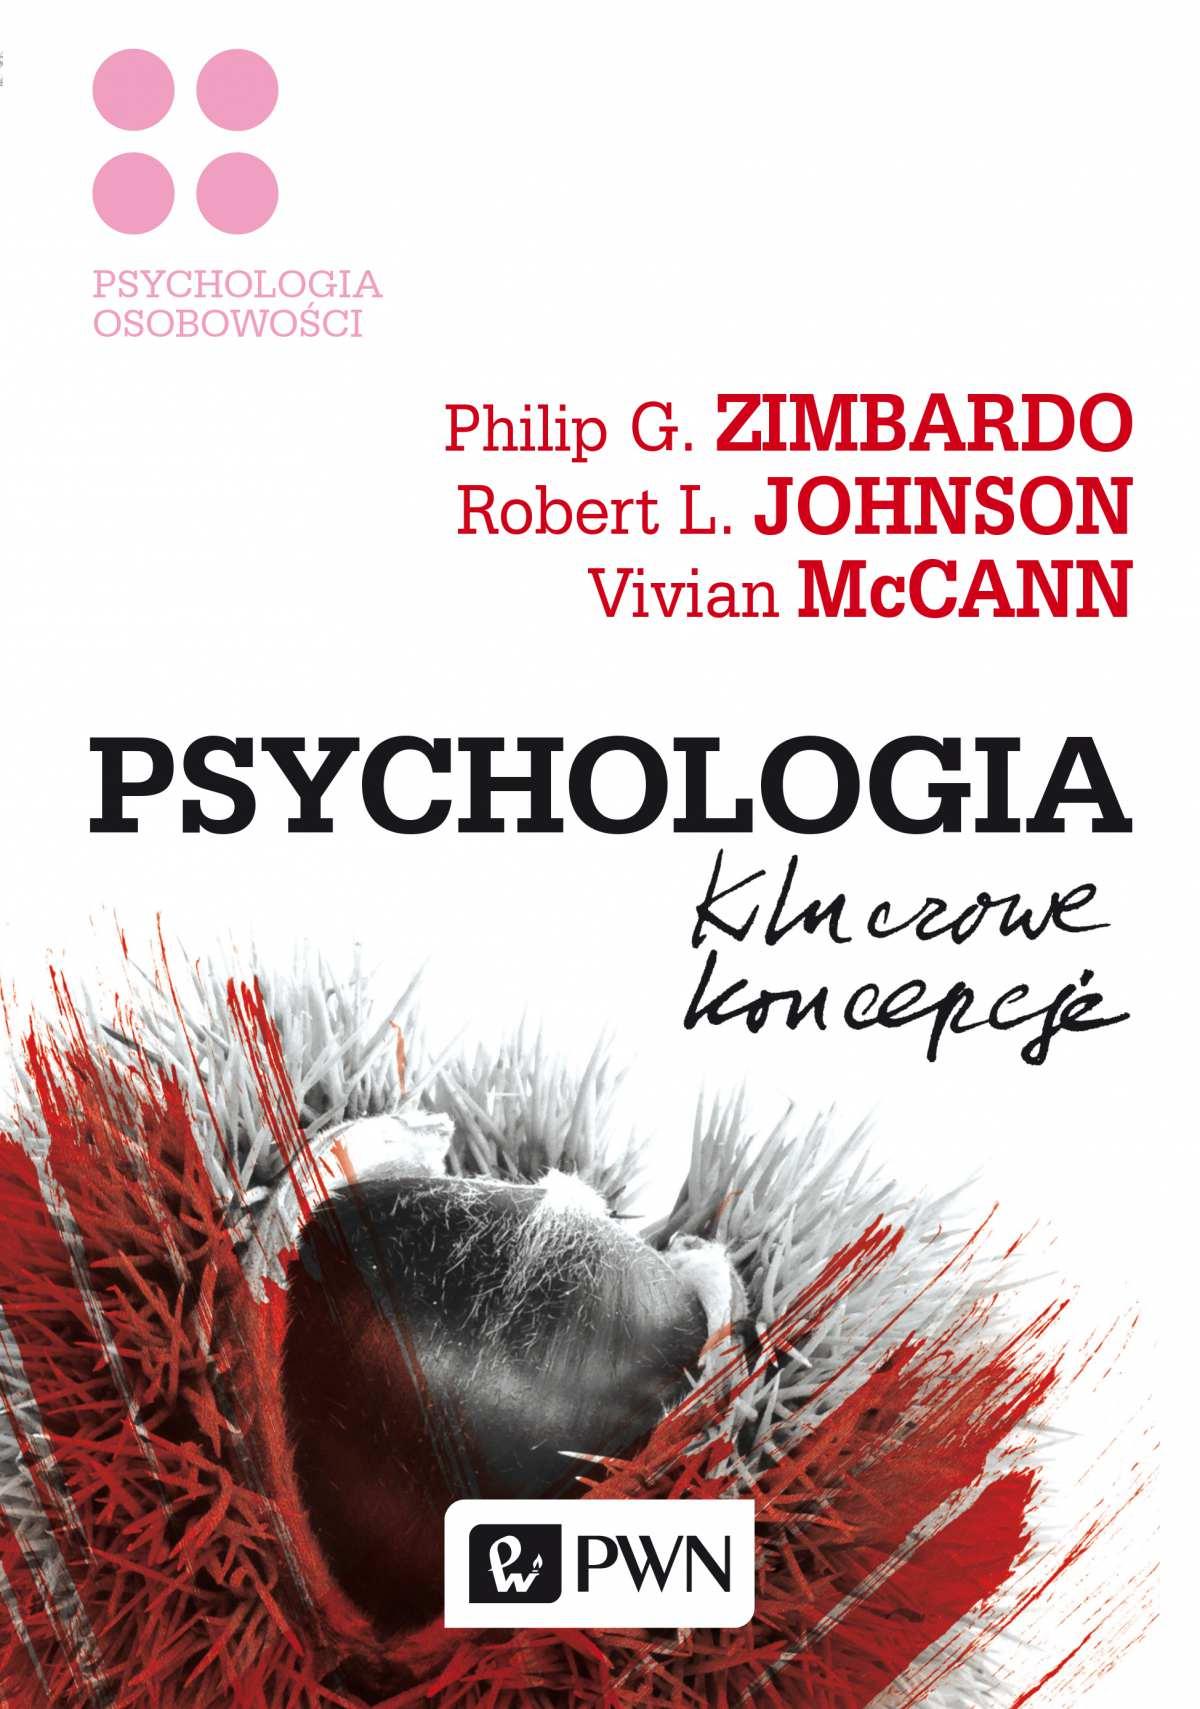 Psychologia. Kluczowe koncepcje. Tom 4 - Ebook (Książka EPUB) do pobrania w formacie EPUB